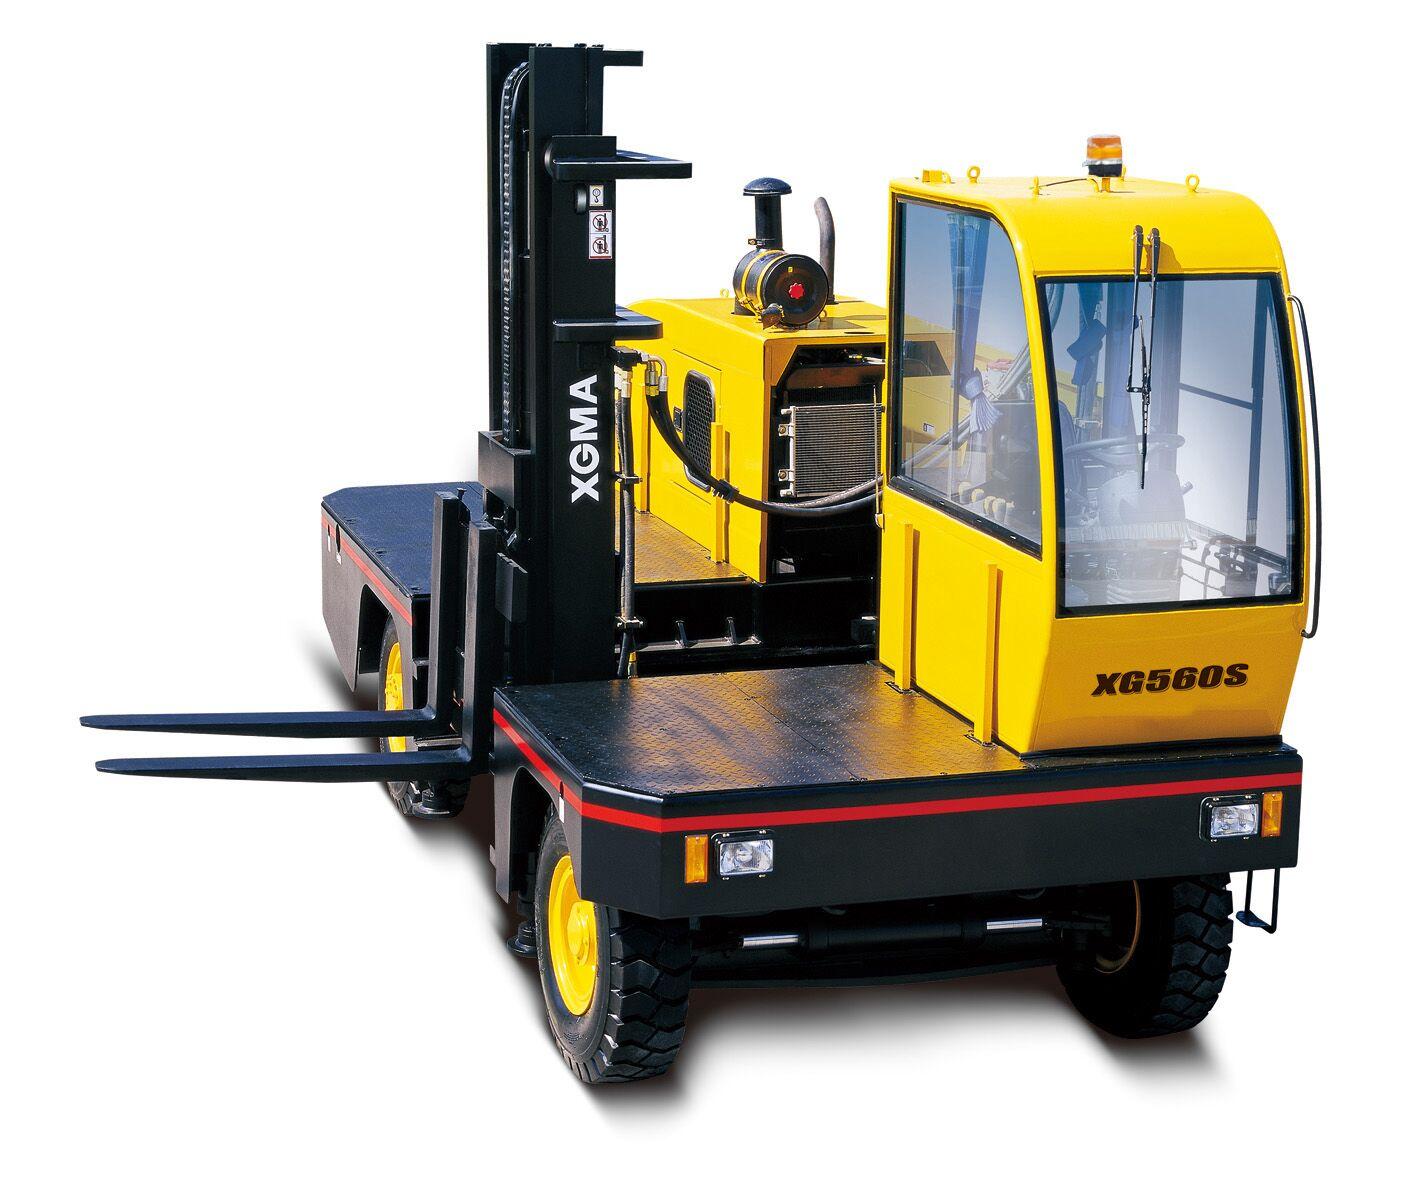 厦工5.0/6.0吨内燃侧面叉车XG550S-DT2/XG560S-DT2